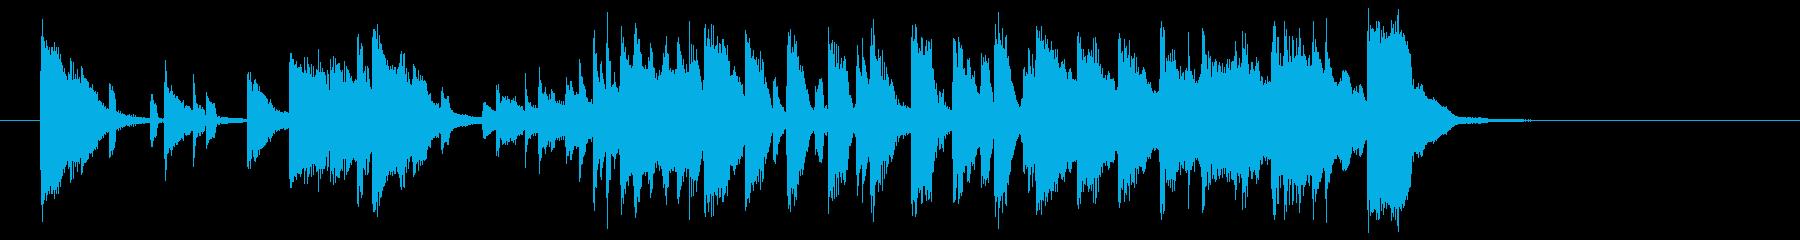 軽快でキャッチ―なポップジングルの再生済みの波形